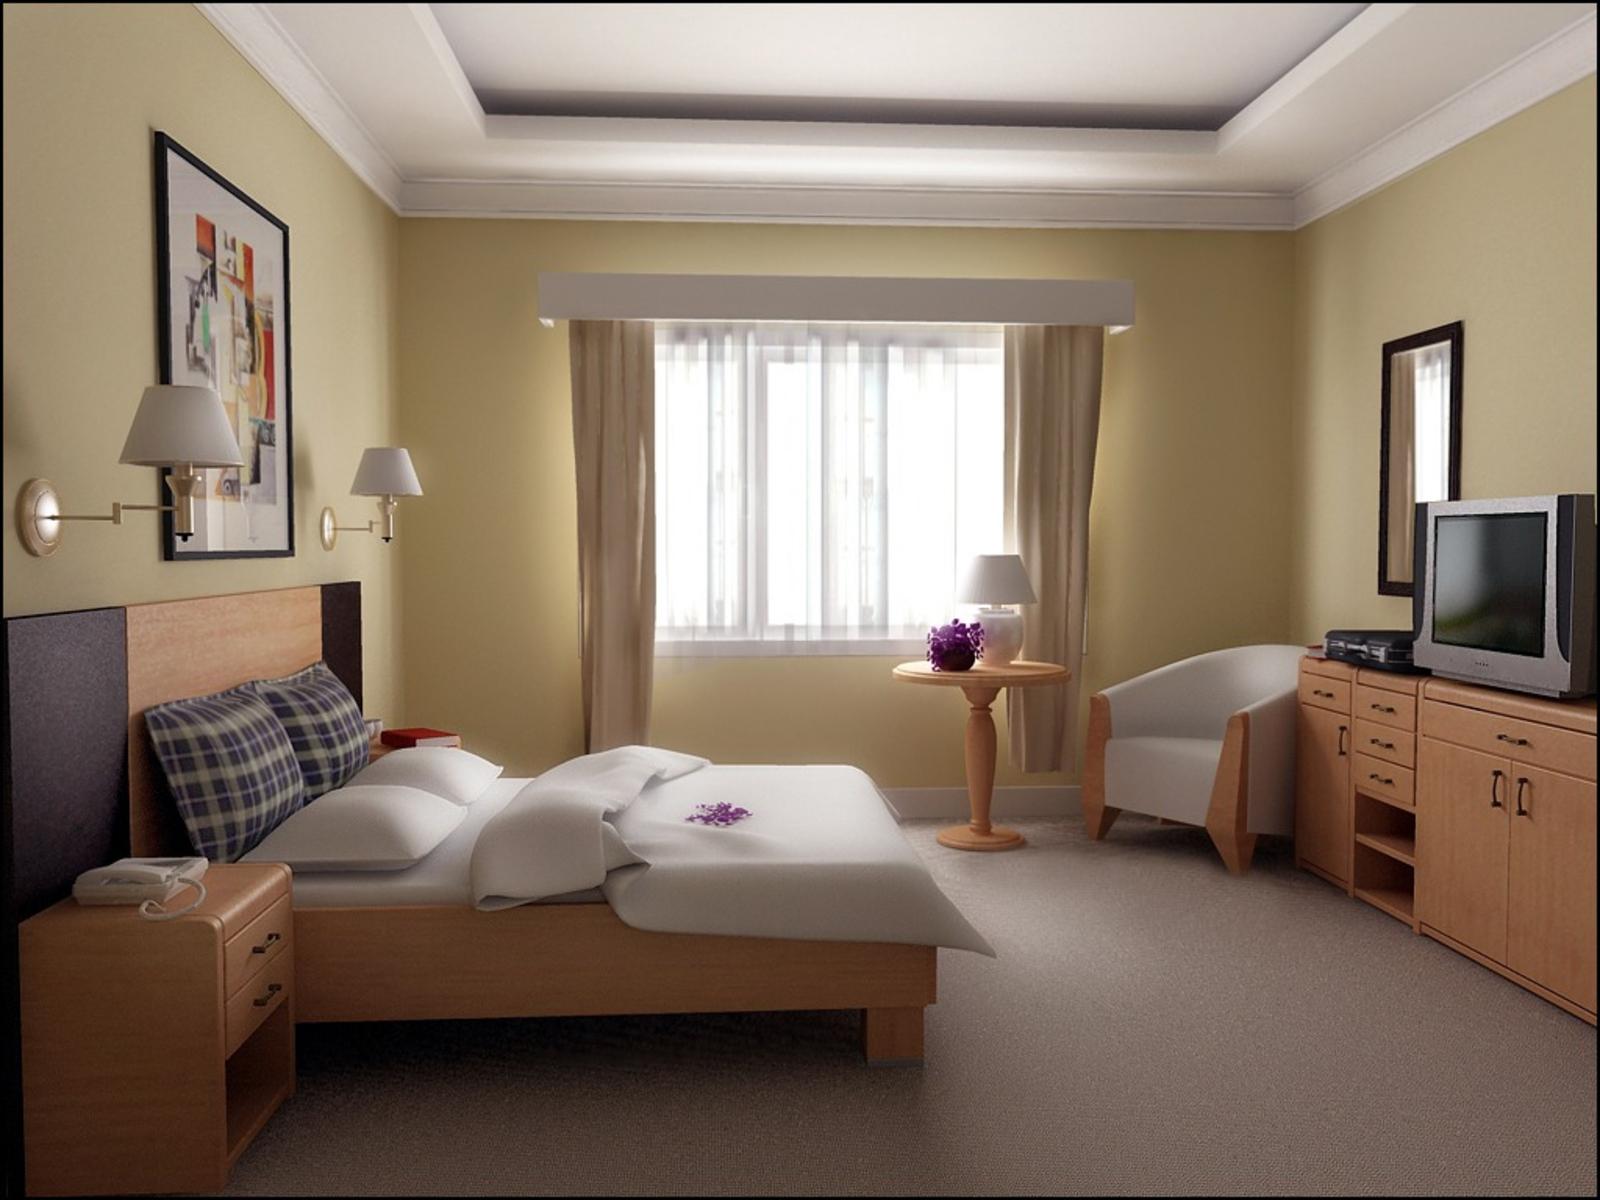 Light Bedroom Colors Lights In Bedroom Ideas Romantic Candle Light Bedroom Bedroom